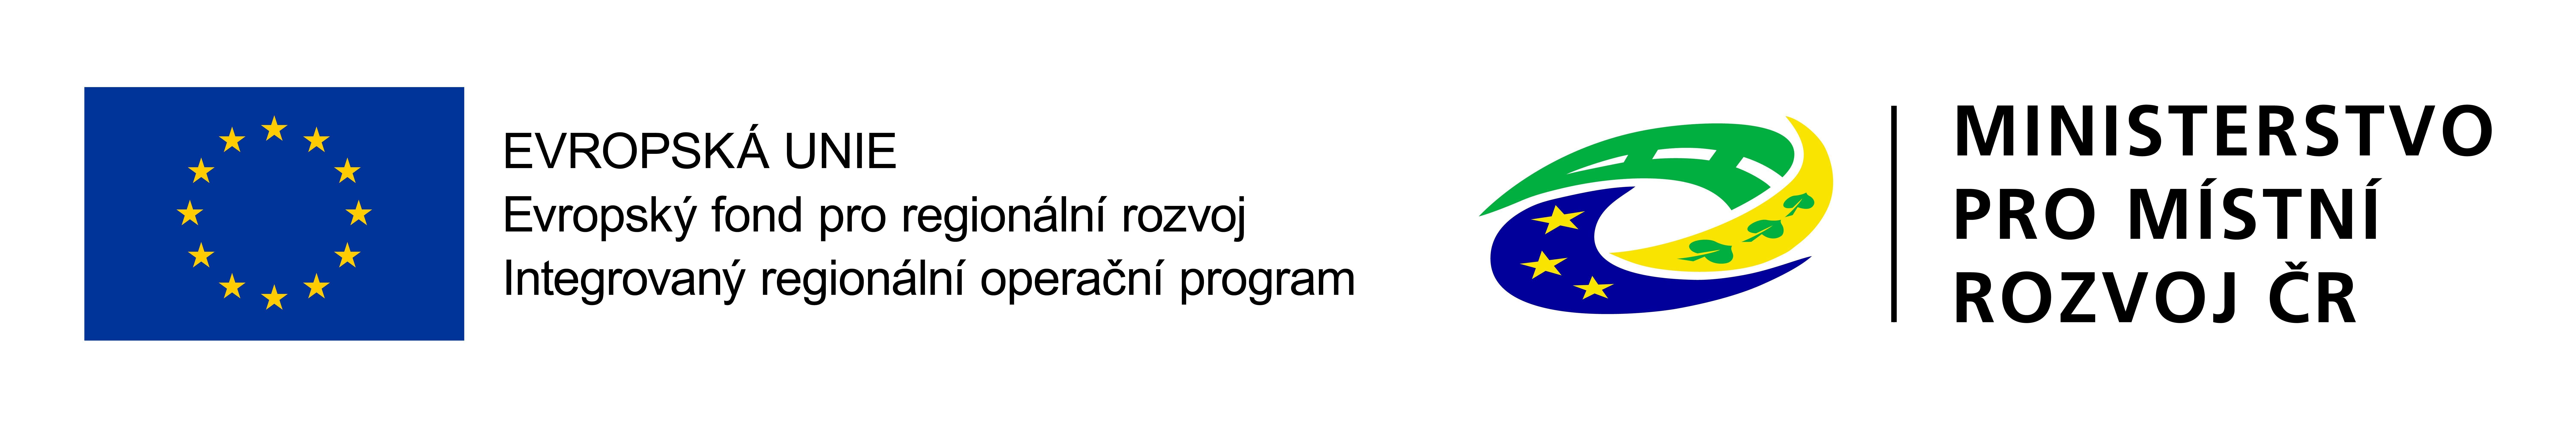 Tento projekt byl financován z Evropské unie a ze státního rozpočtu ČR